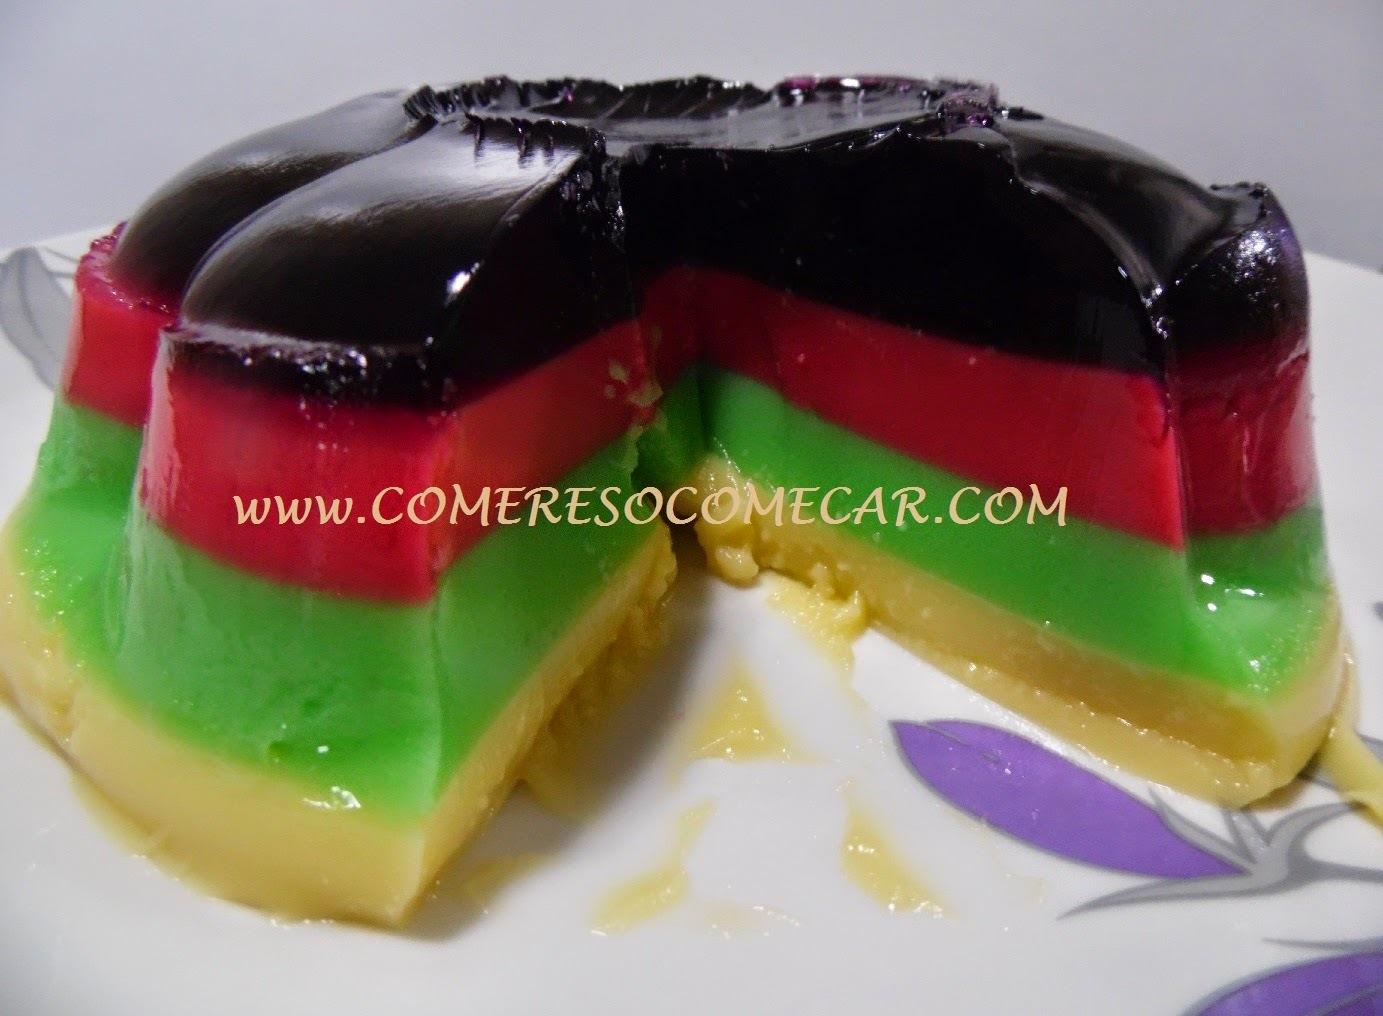 gelatina com leite condensado duas cores